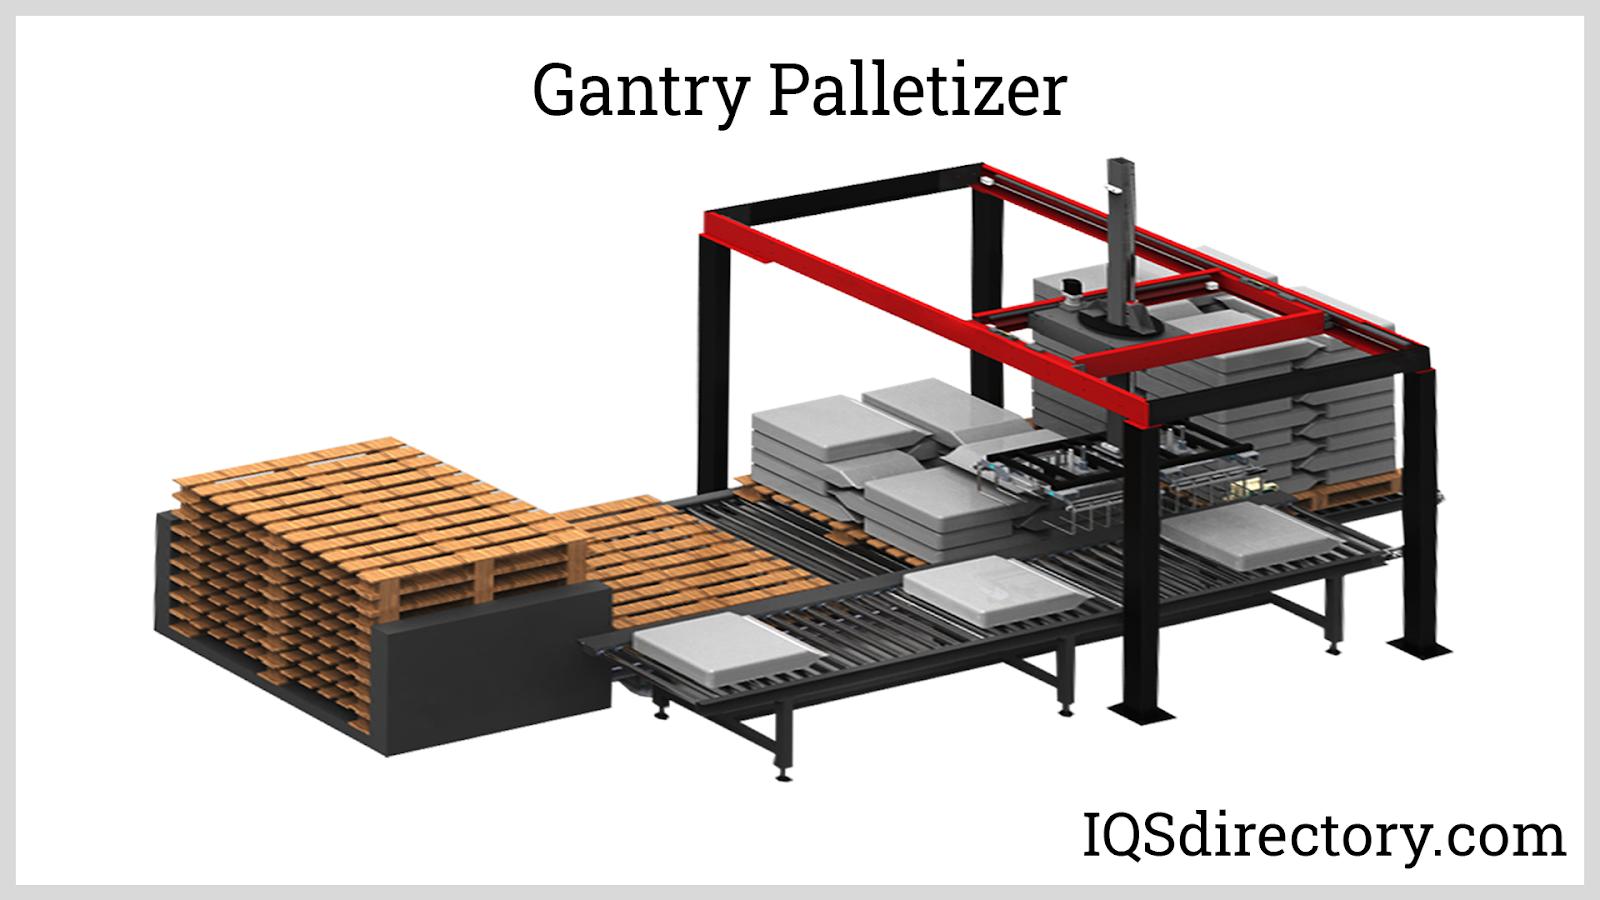 Gantry Palletizer